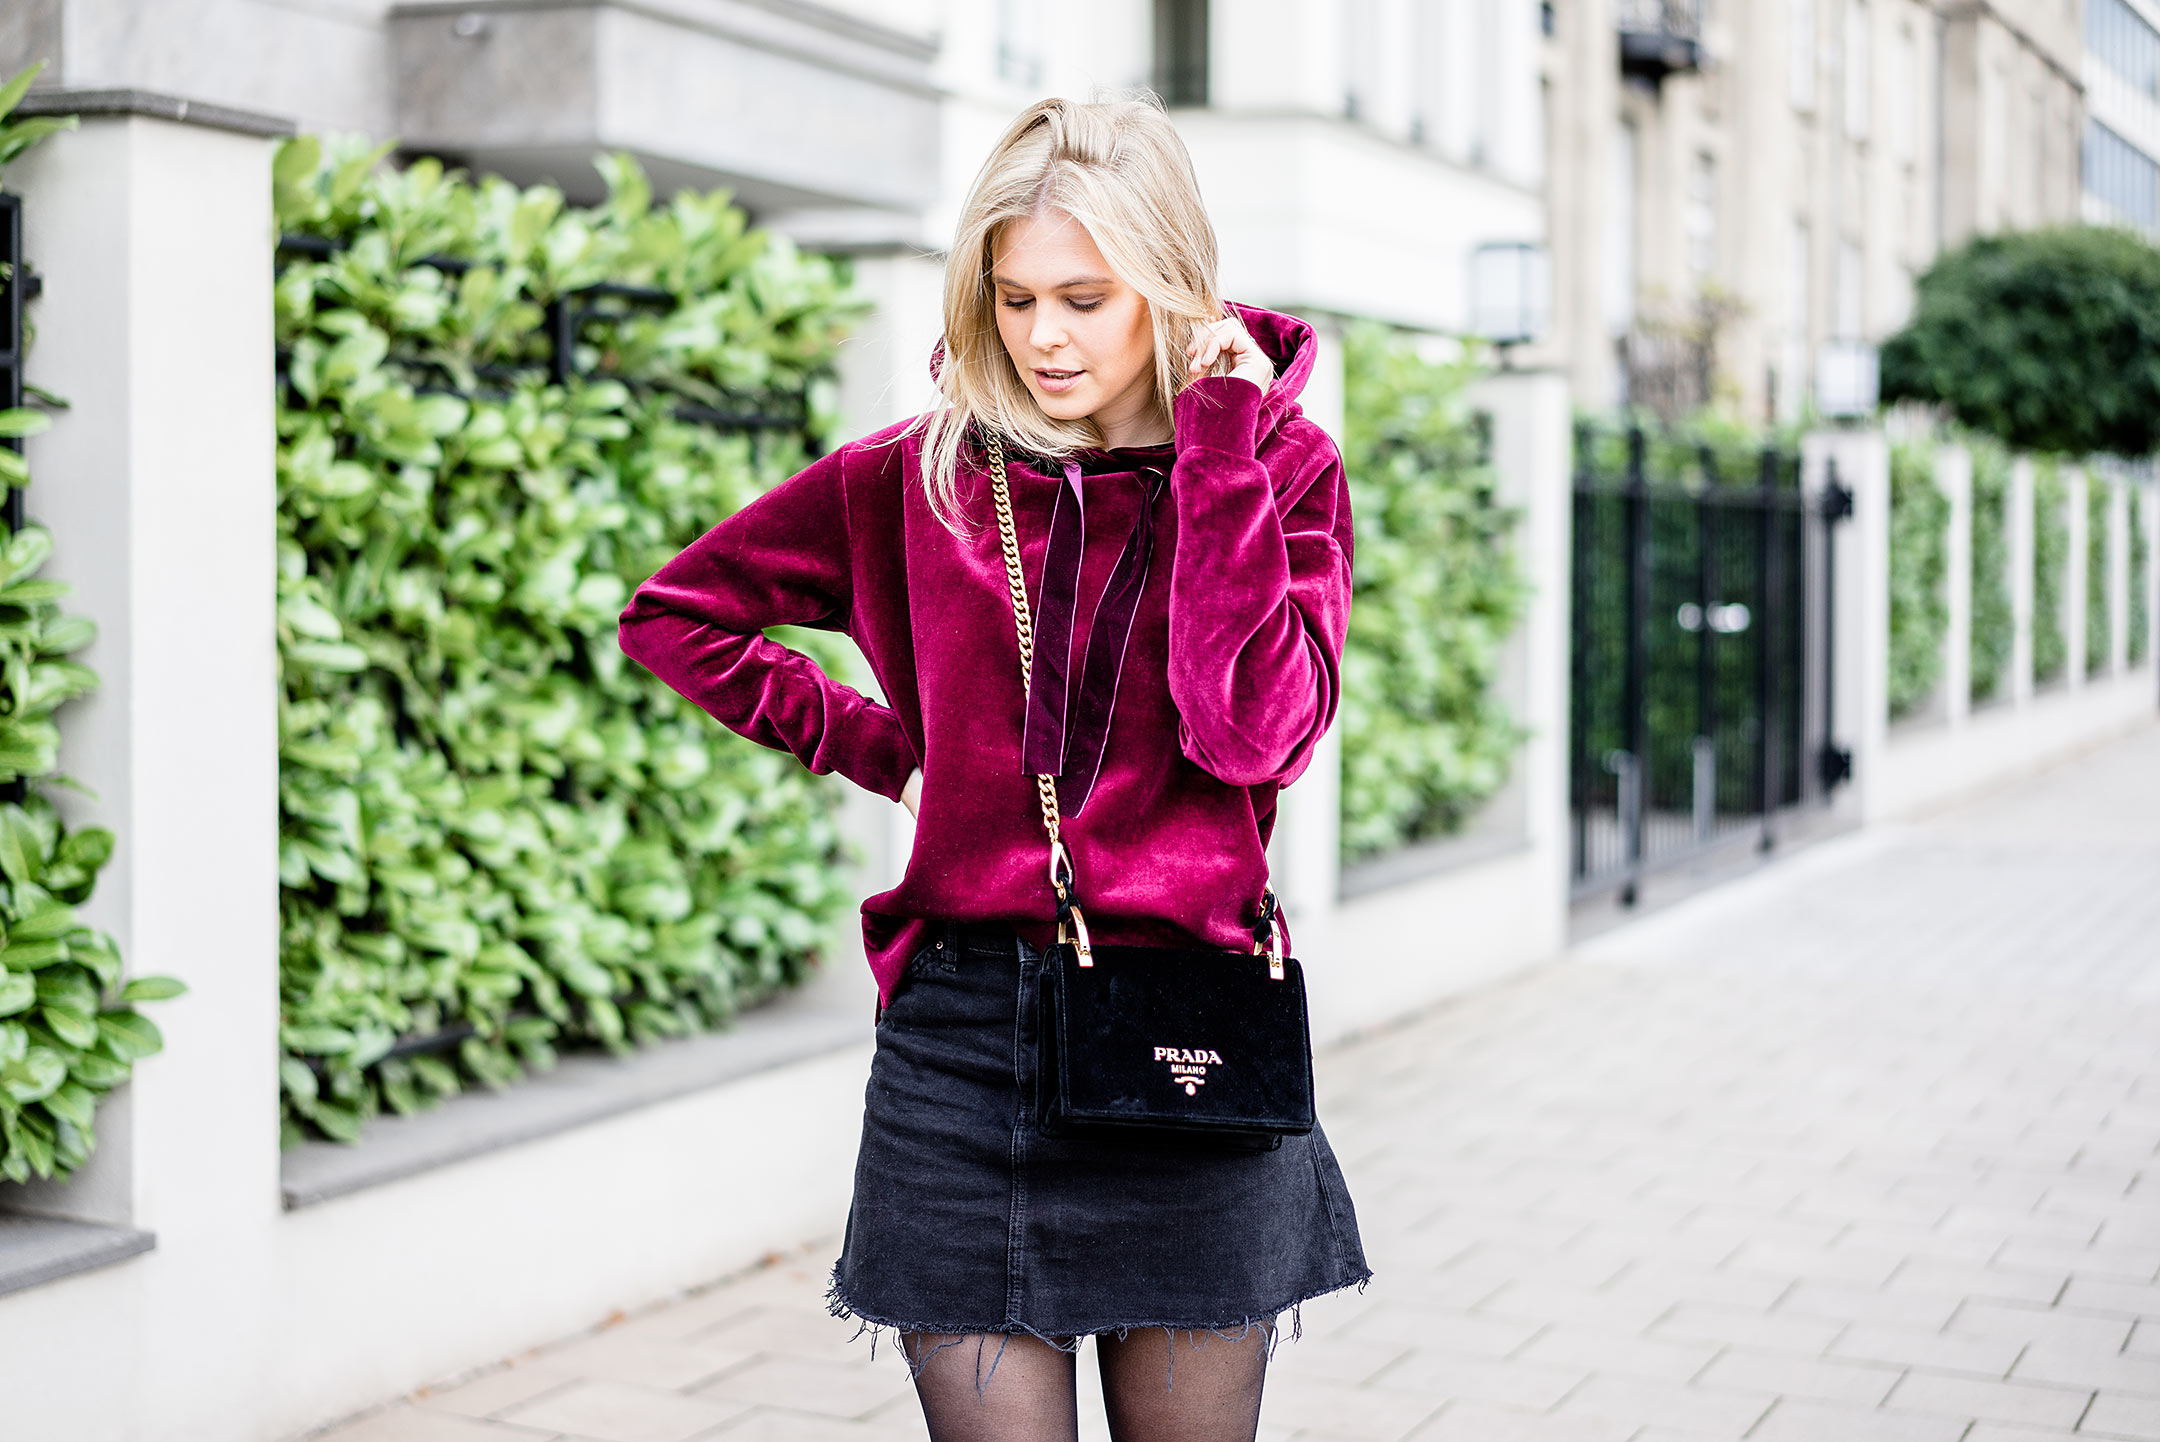 Fashionette Desginerhandtaschen online kaufen Prada Fashion Blog Sunnyinga